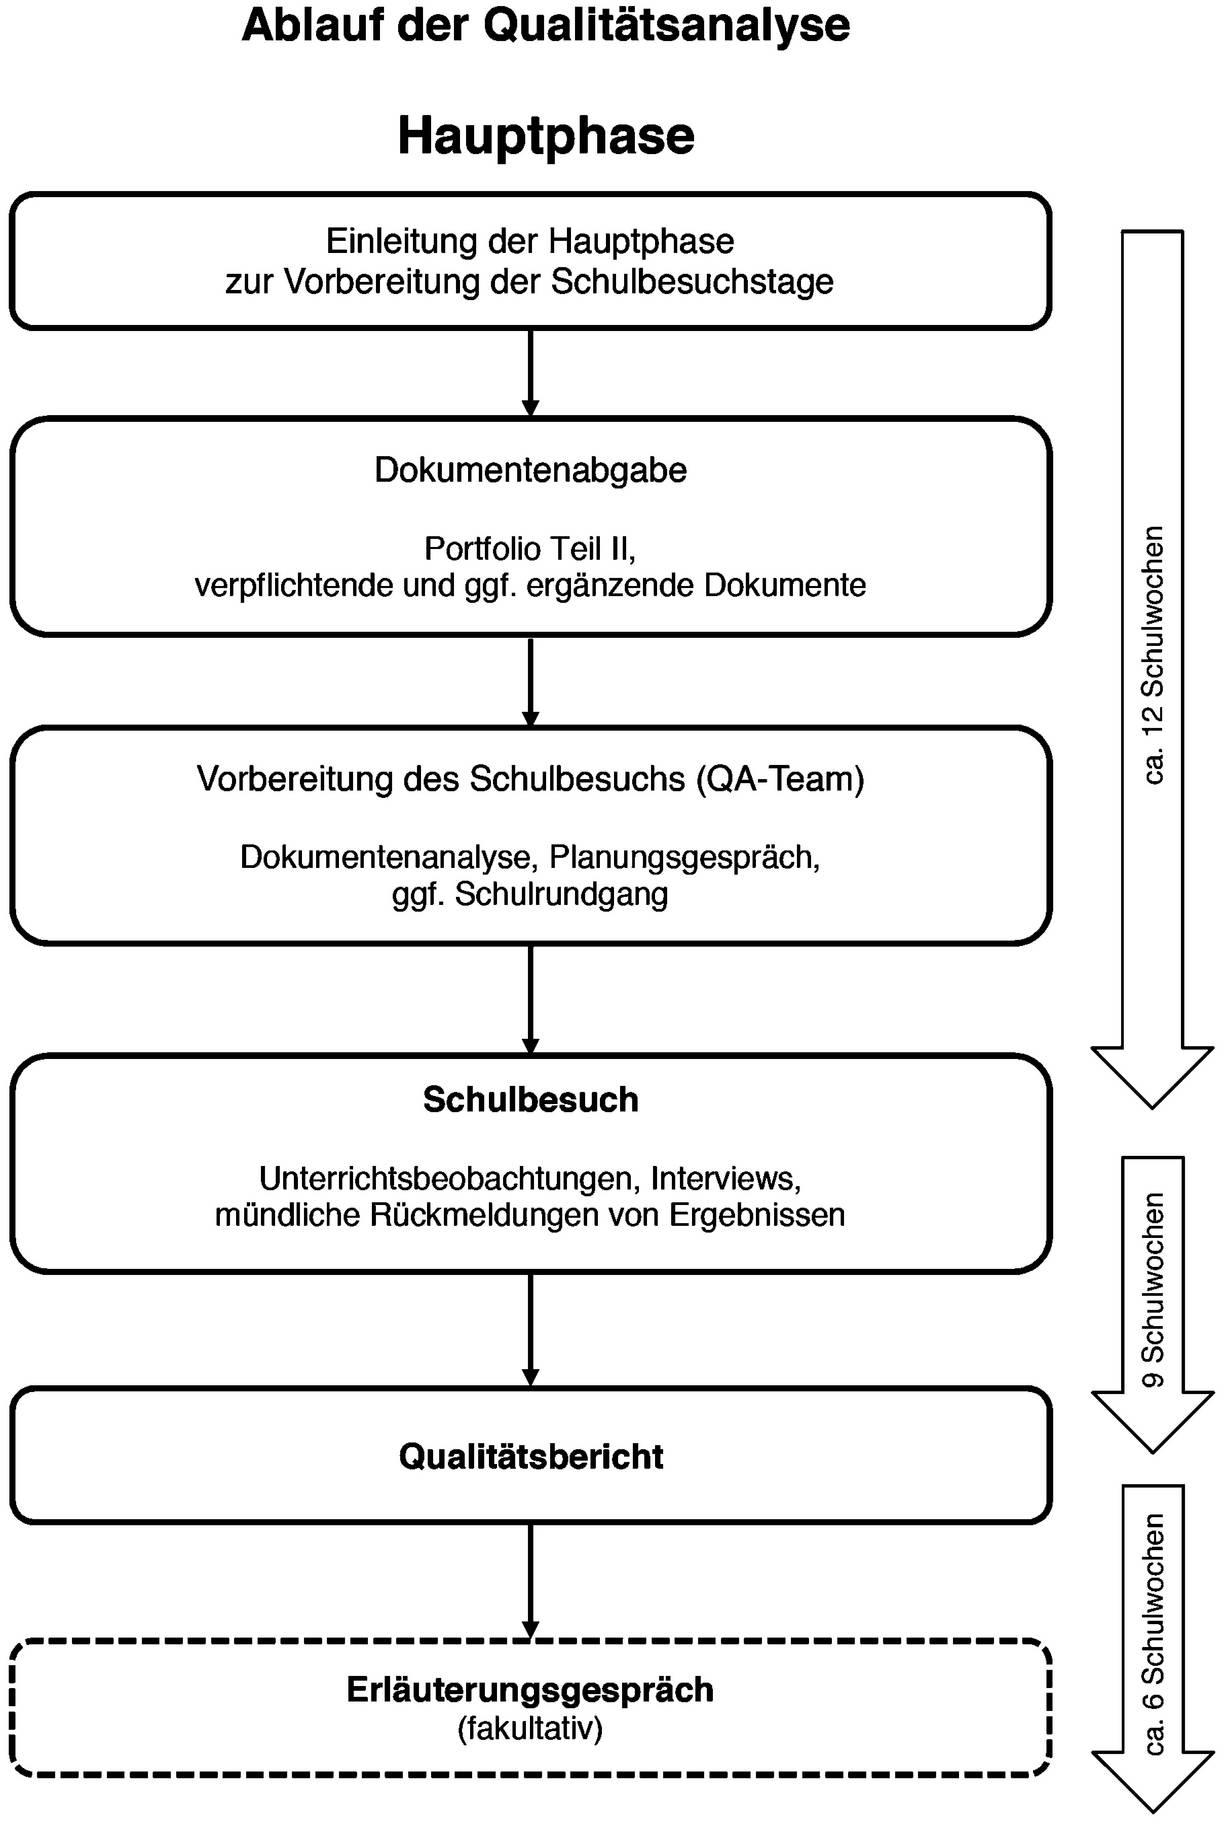 Beschreibung der Hauptphase innerhalb der Qualitätsanalyse